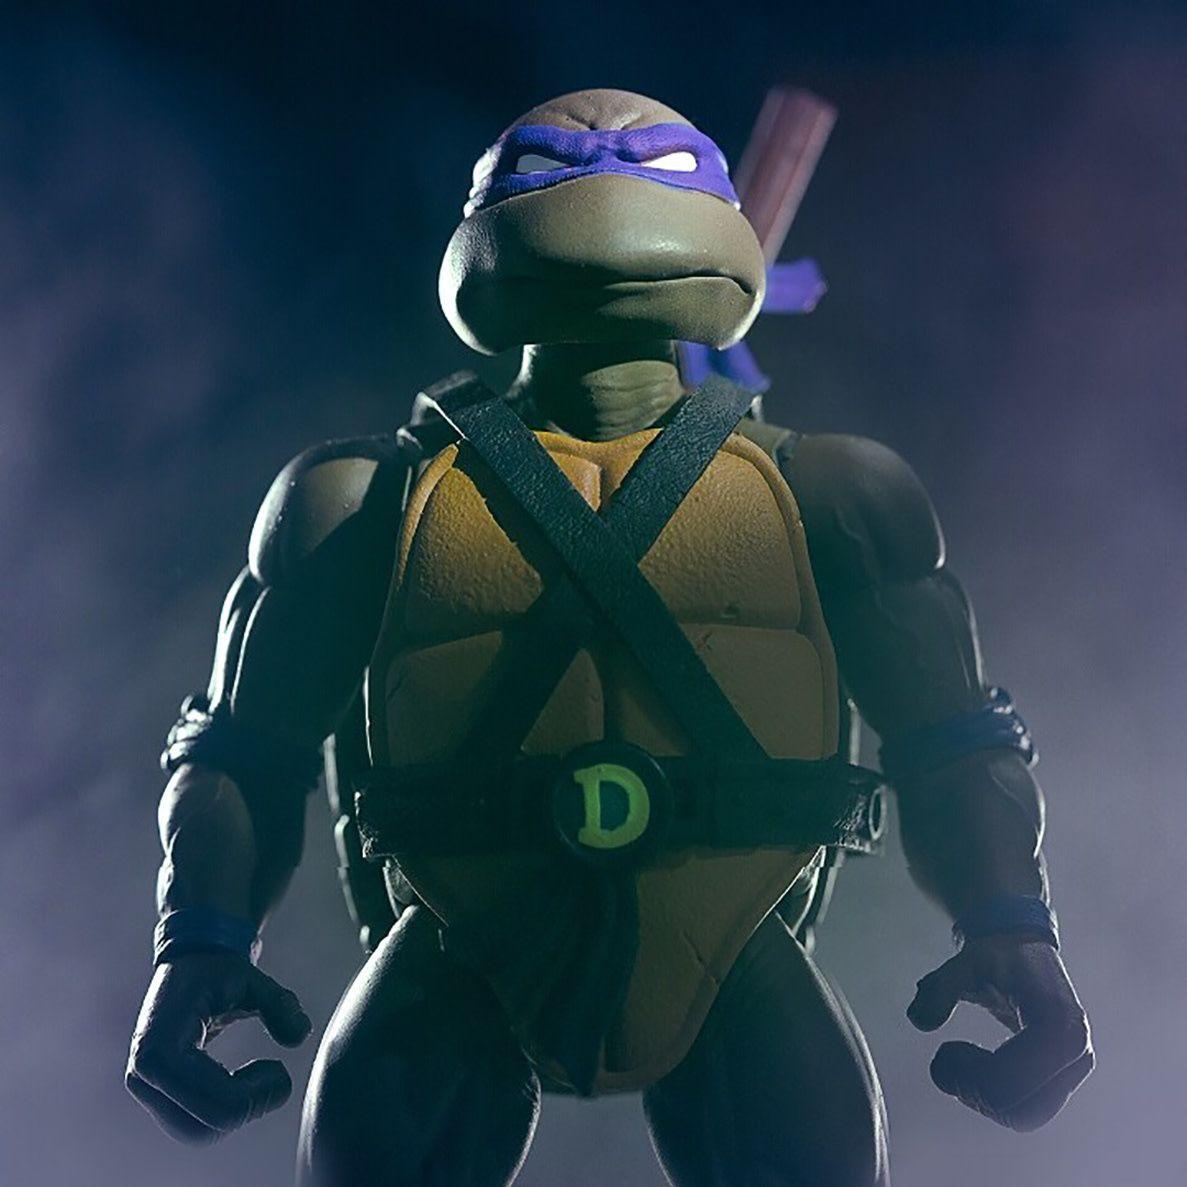 Tmnt Ultimates Wave 4 Donatello 7 Inch Action Figure Teenage Mutant Ninja Turtles Teenage Mutant Ninja Teenage Mutant